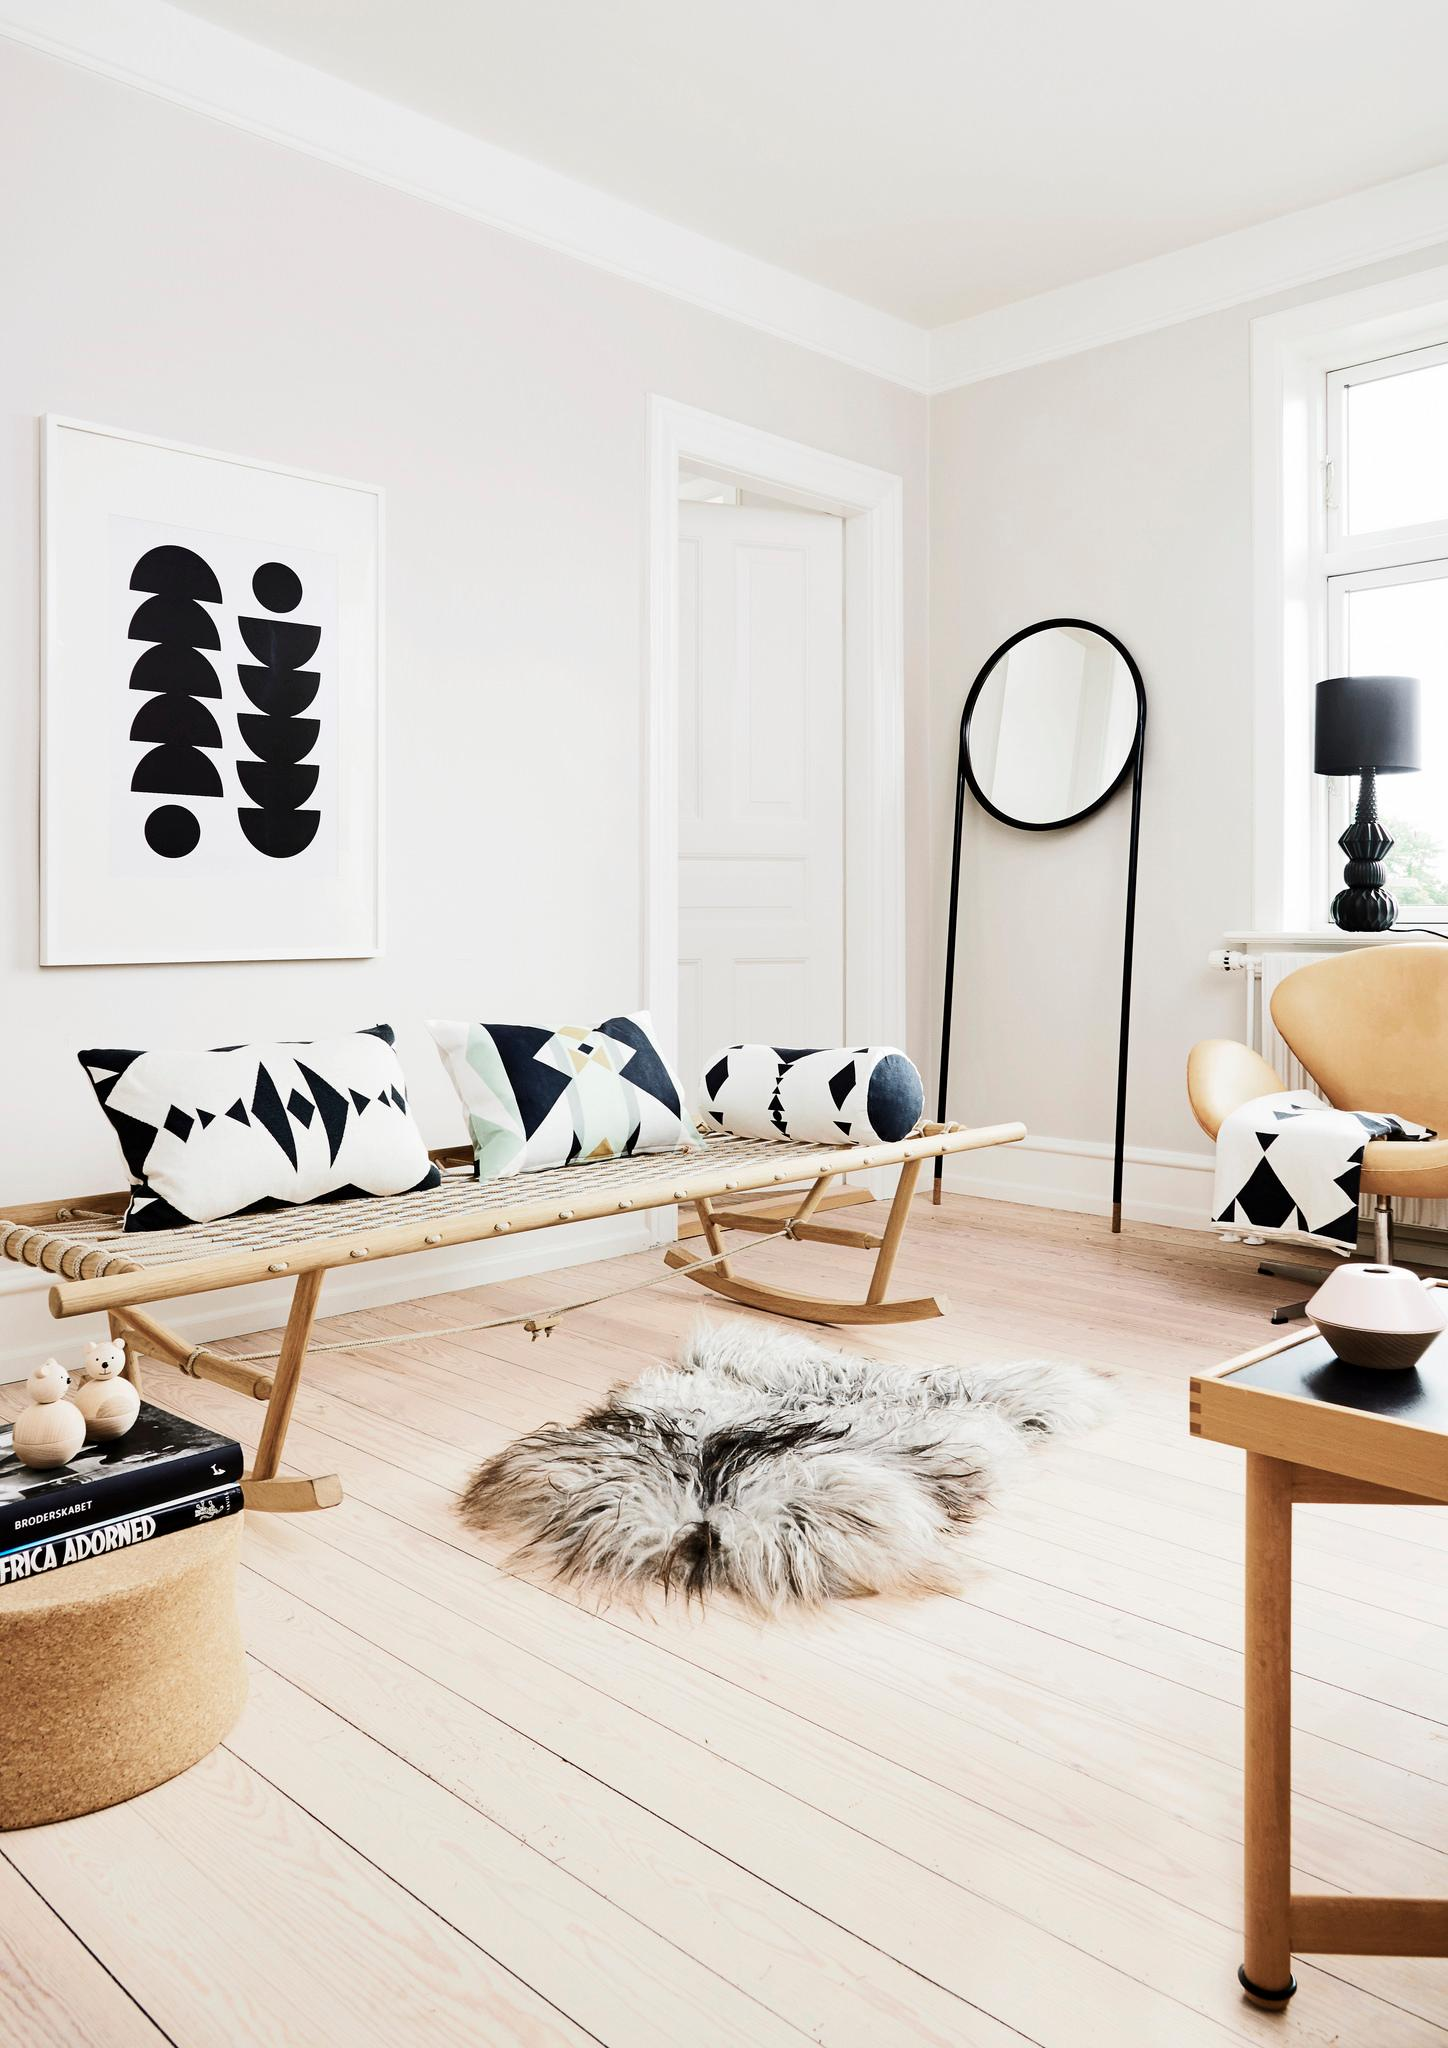 Nordisch einrichten bilder ideen couchstyle for Wohnzimmer nordisch